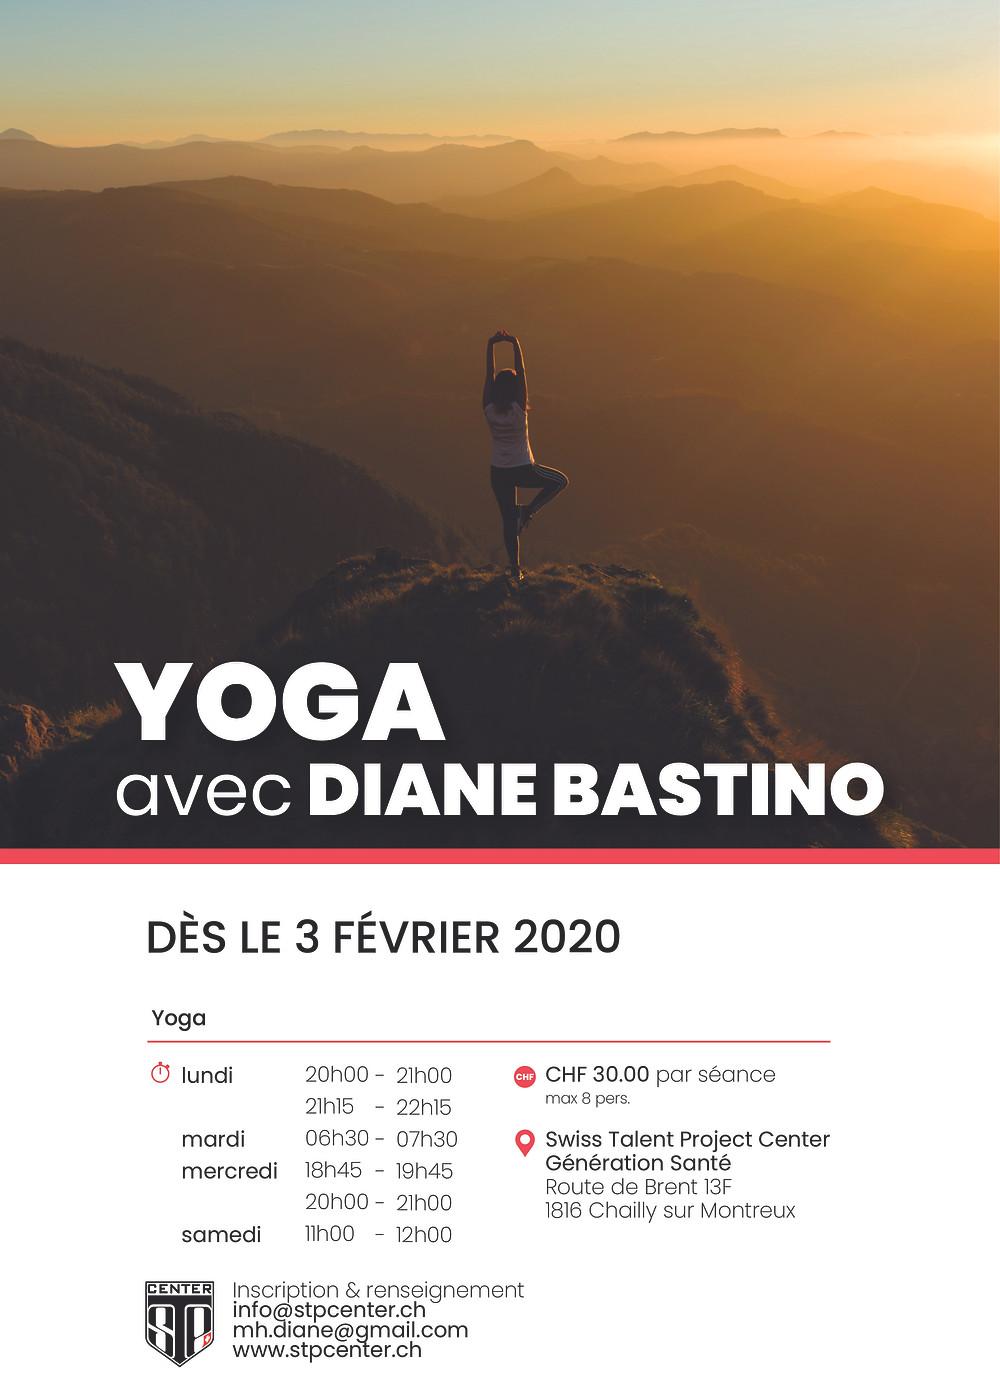 Découvrez le yoga avec Diane Bastino